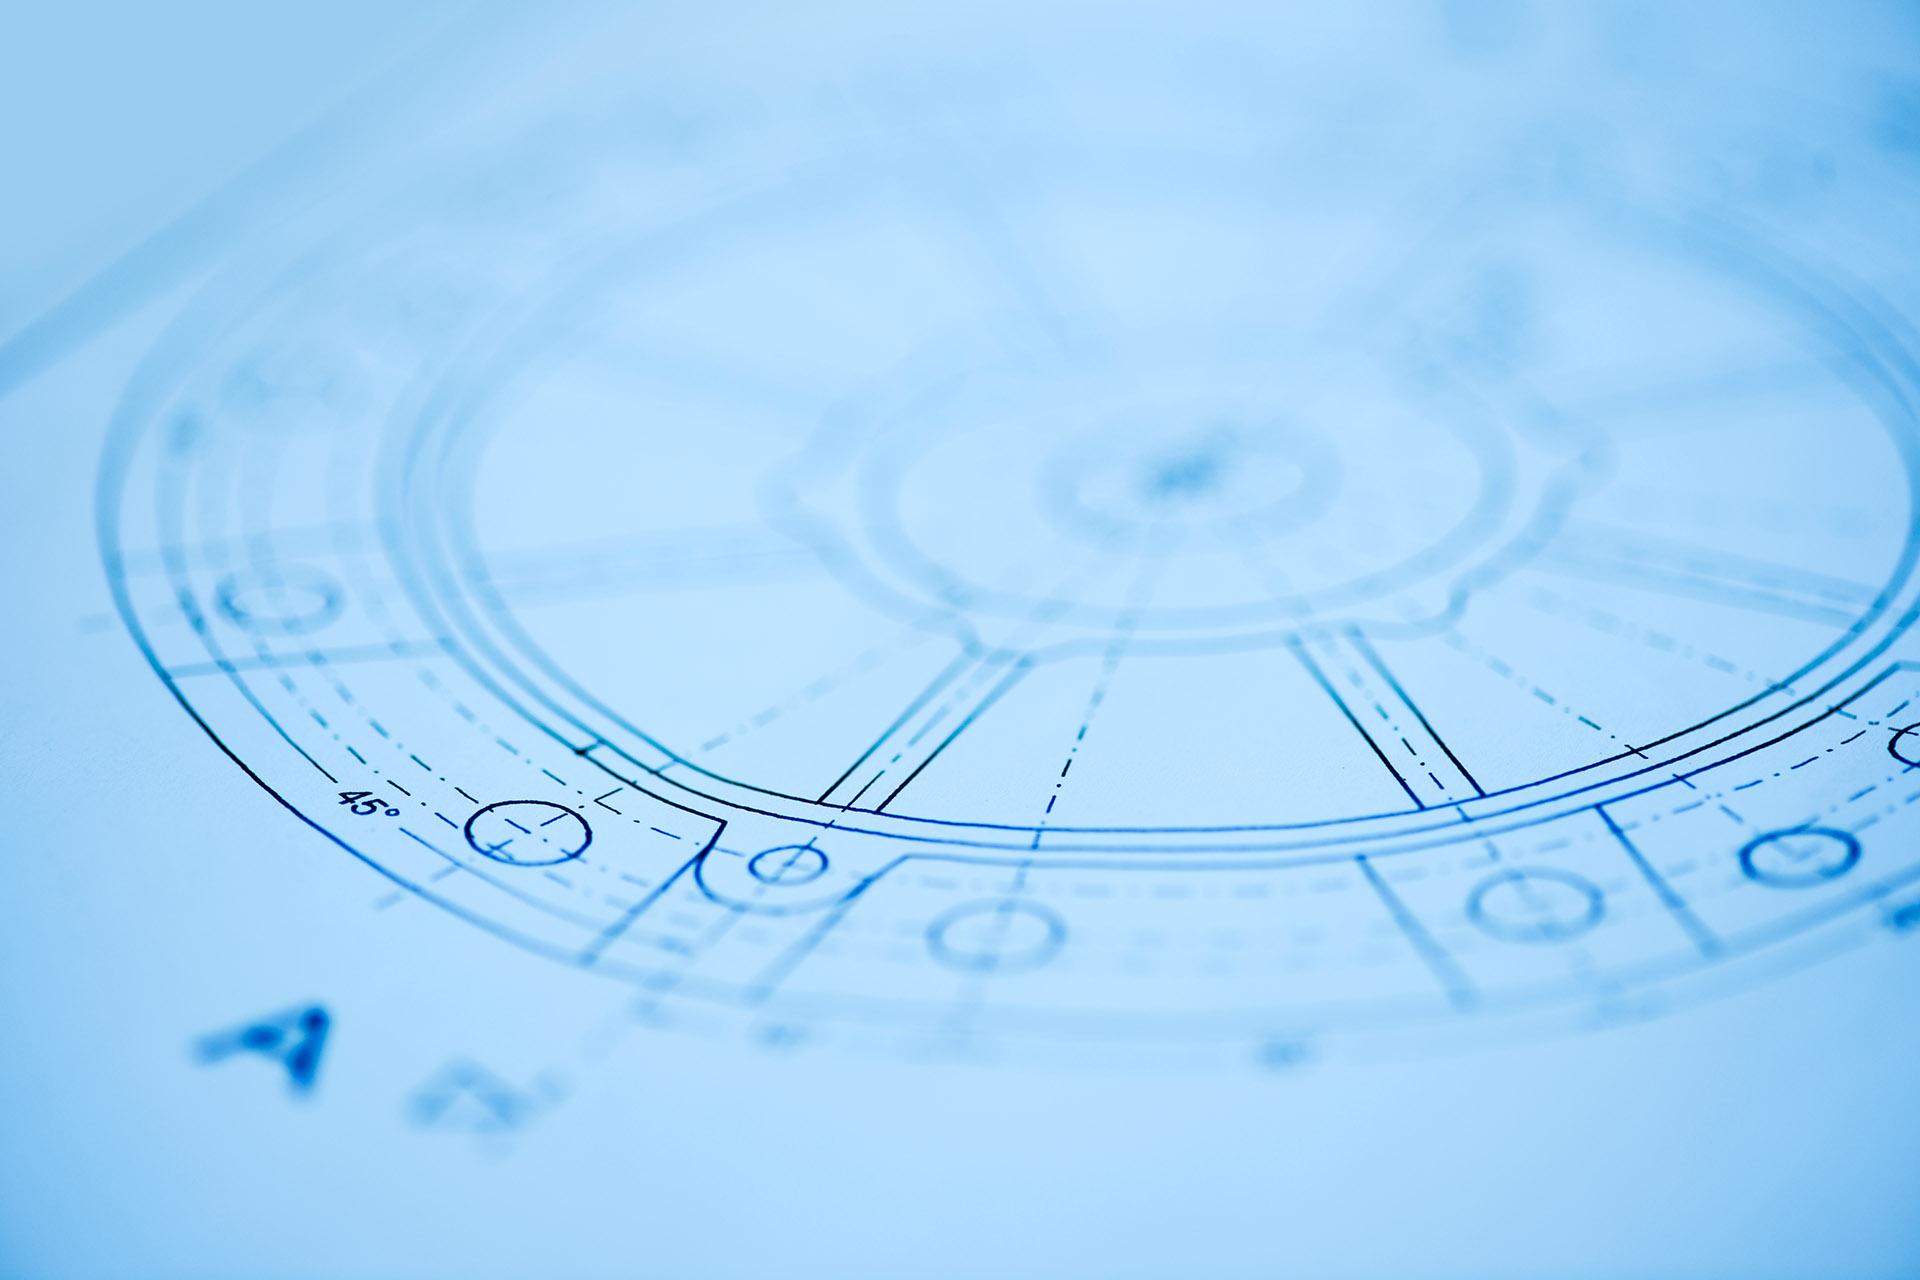 Detail Plan Zeichnung von Elektromotor. Feigfotodesign